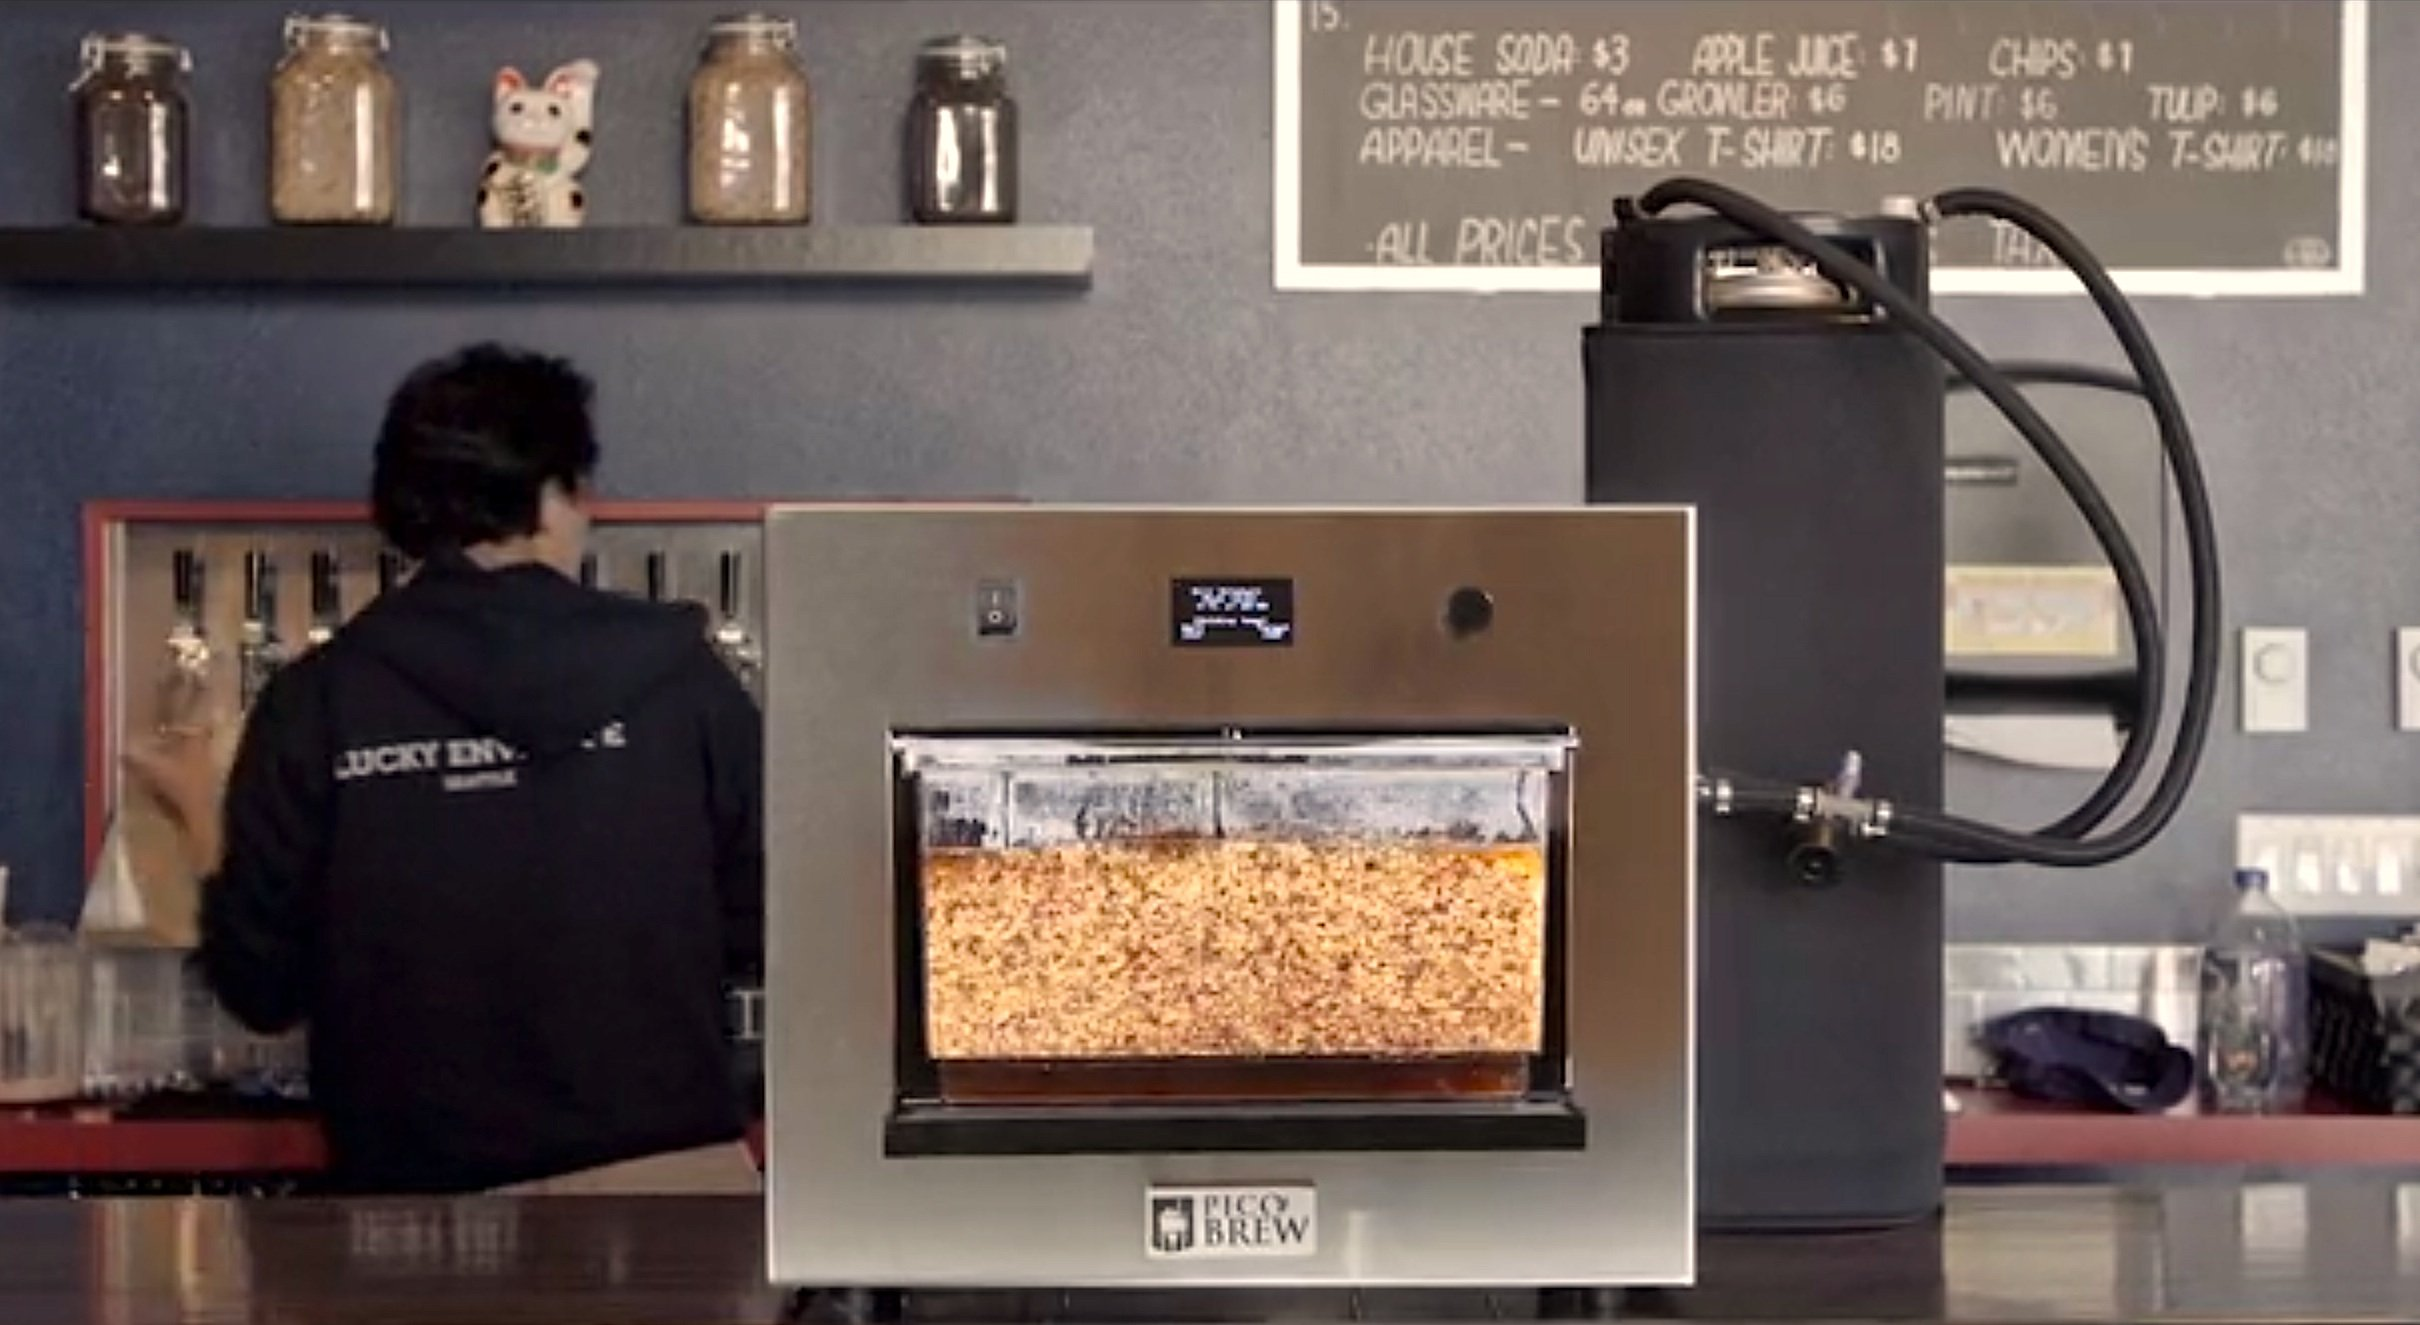 Nachdem die Zutaten und das Wasser in die Maschine gefüllt sind, beginnt der Brauvorgang. Nach einer Woche ist das Bier fertig und kann in kleine Fässer abgefüllt werden.